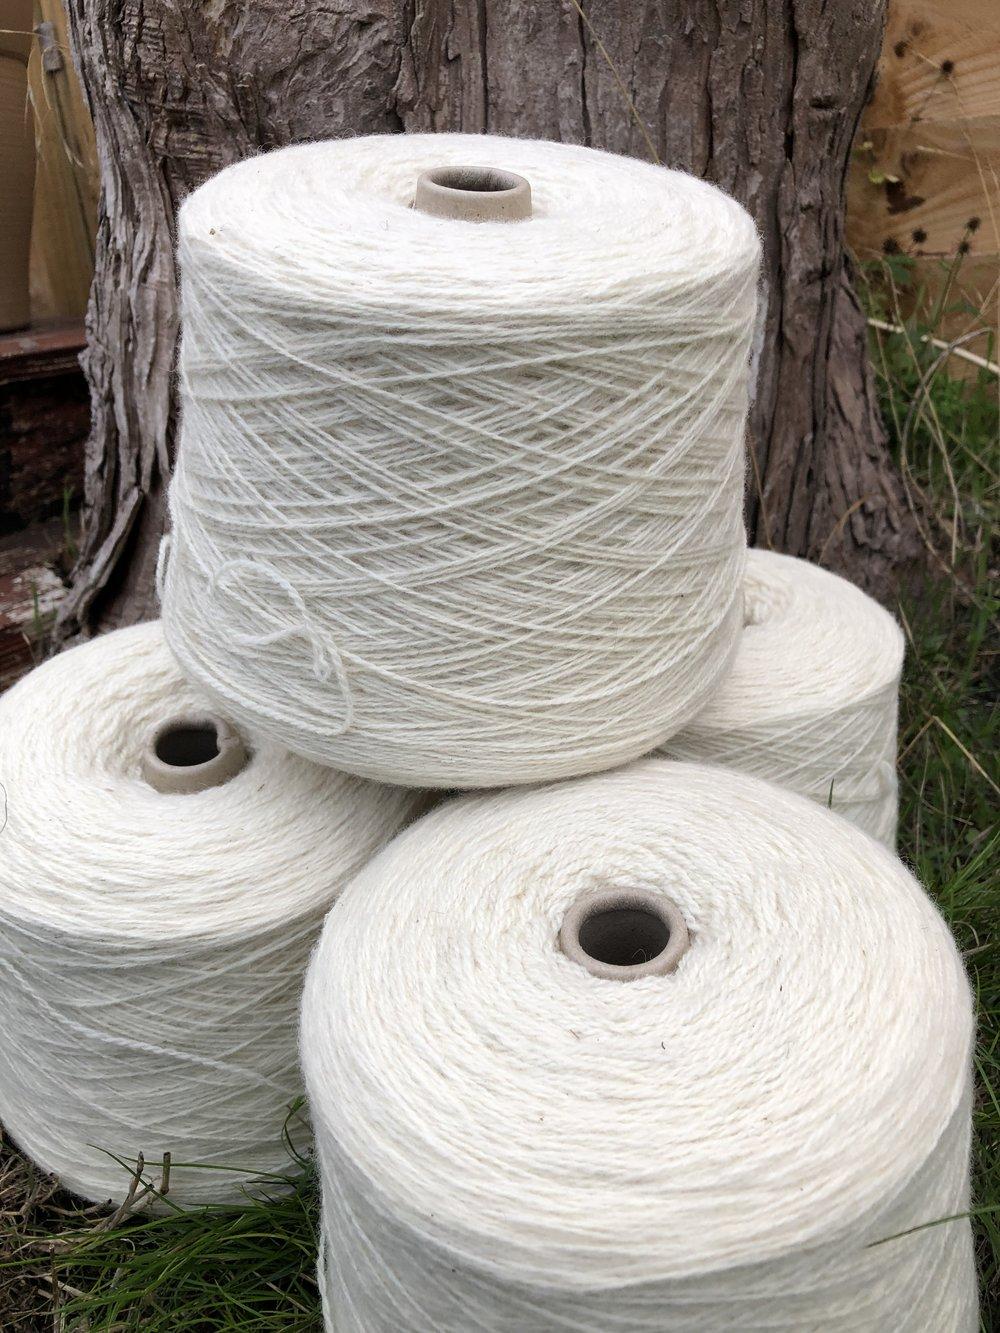 fernhill fibre white yarn cones